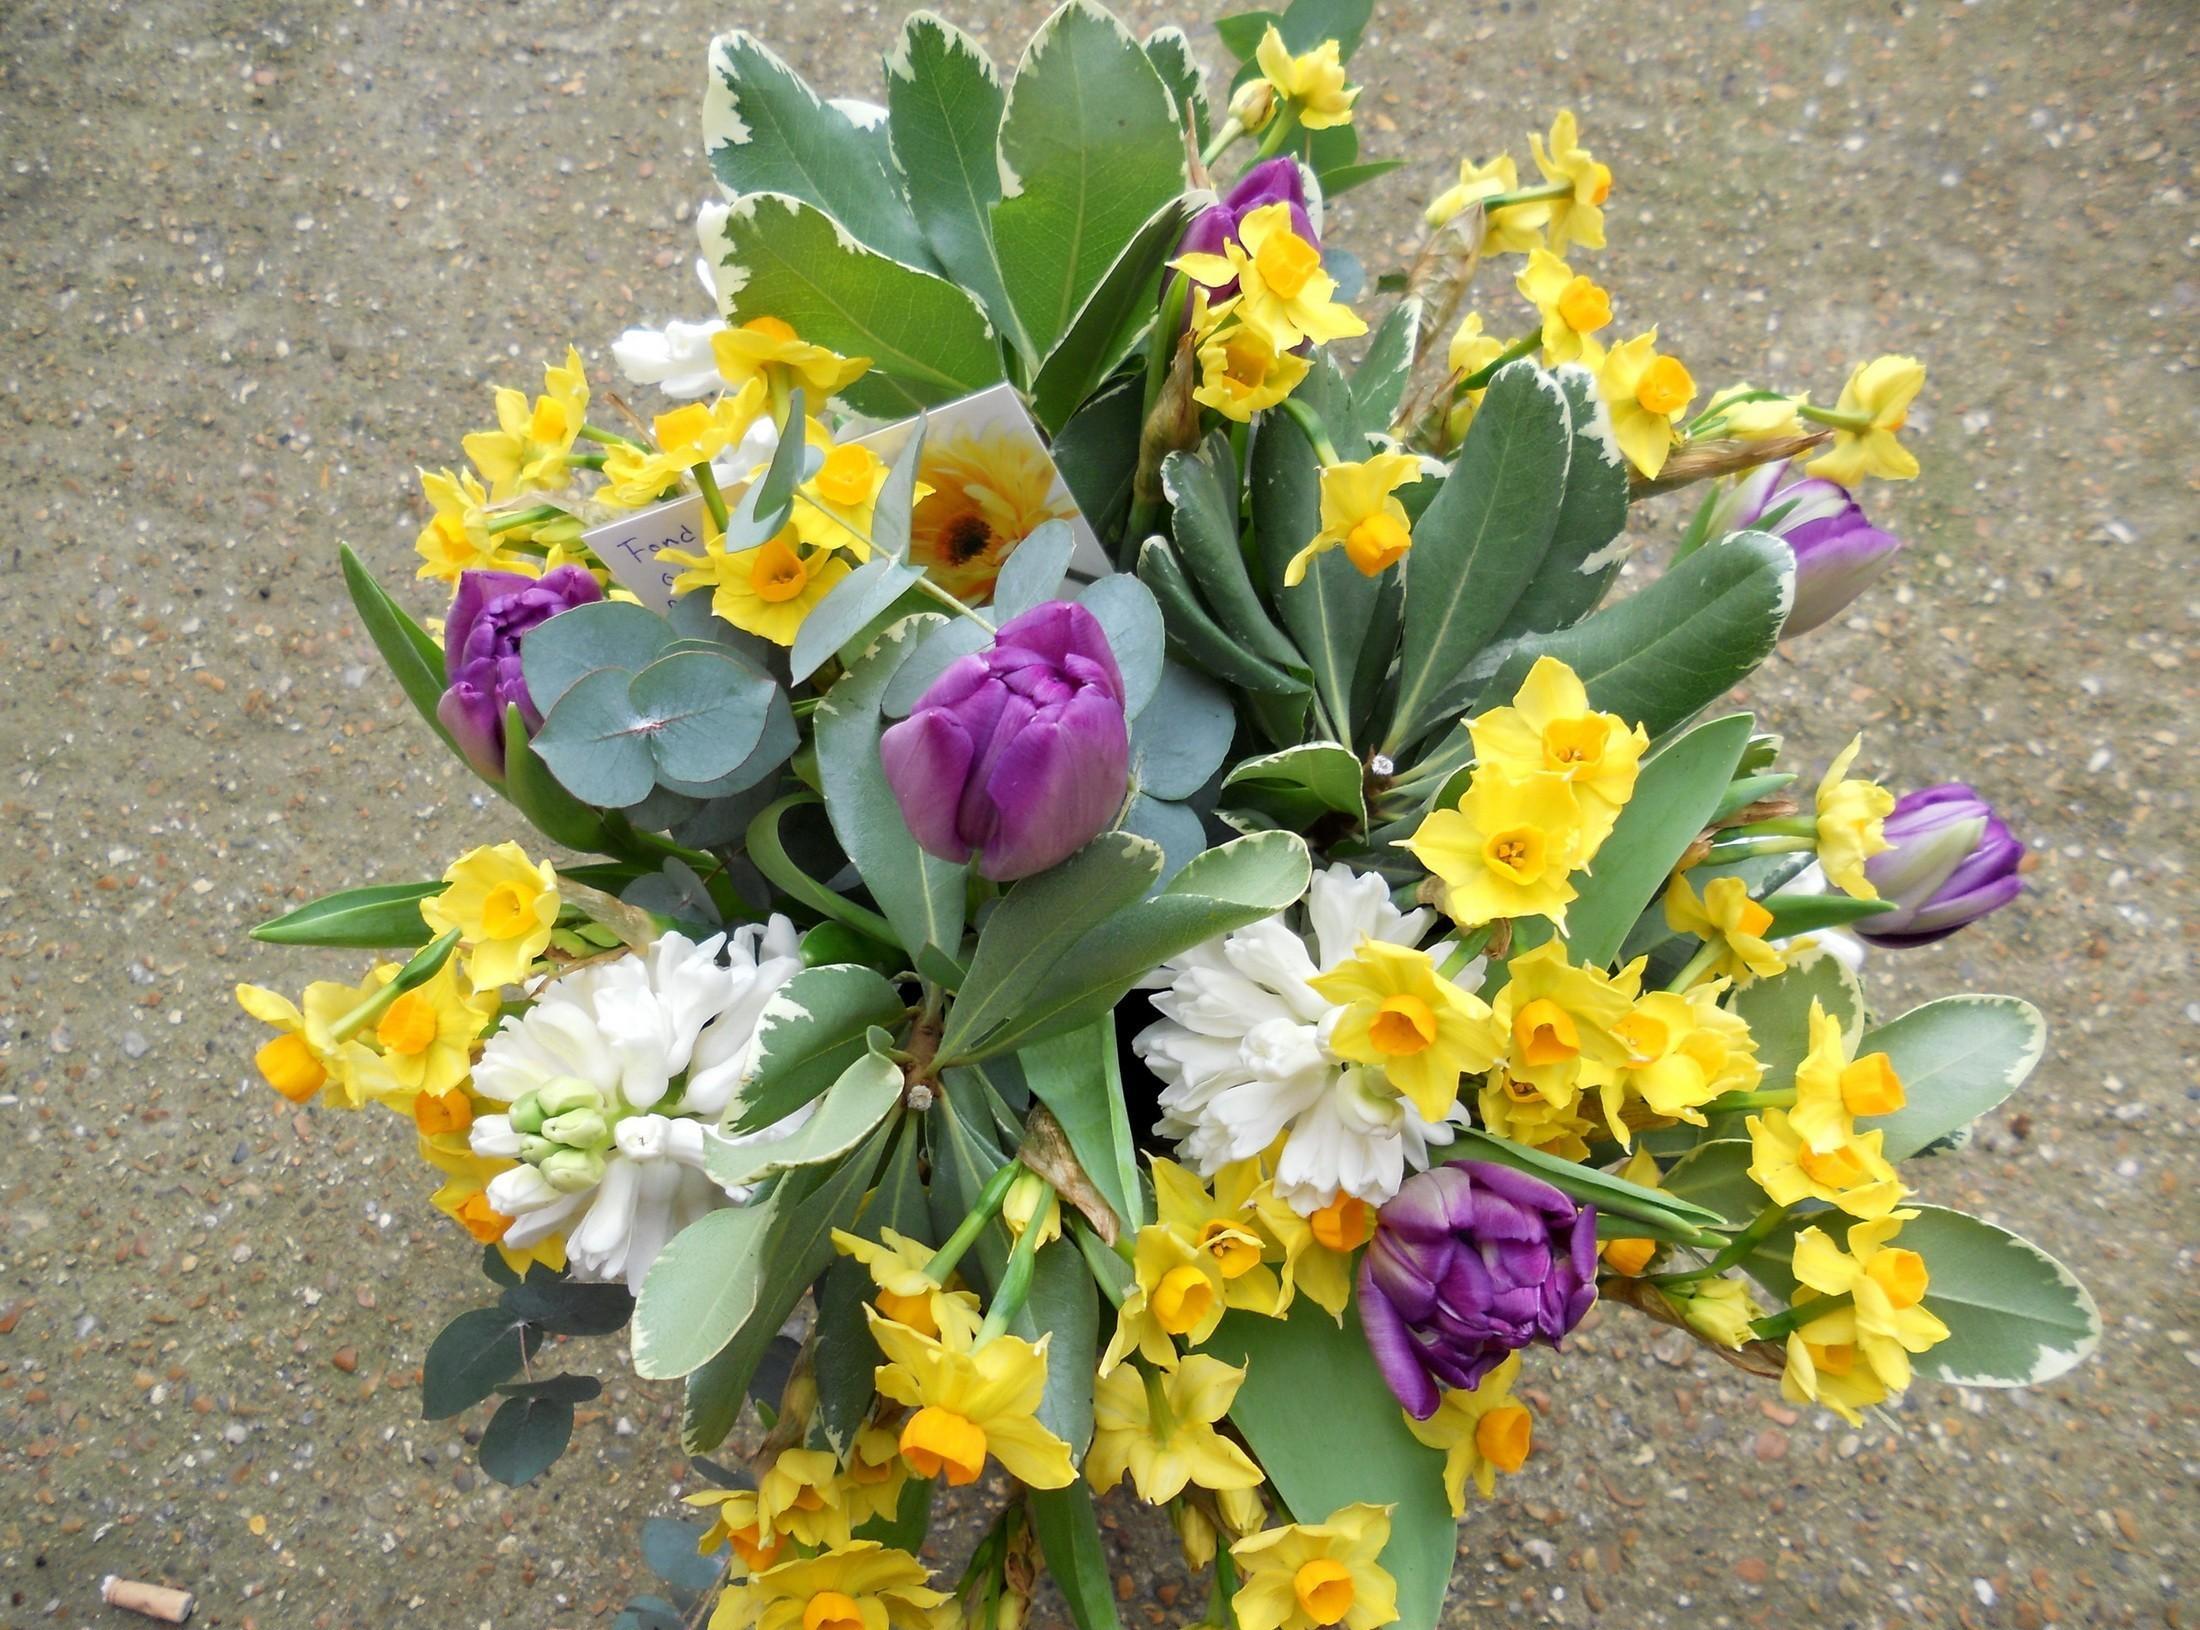 123814 скачать обои Цветы, Букет, Листья, Записка, Тюльпаны, Нарциссы - заставки и картинки бесплатно